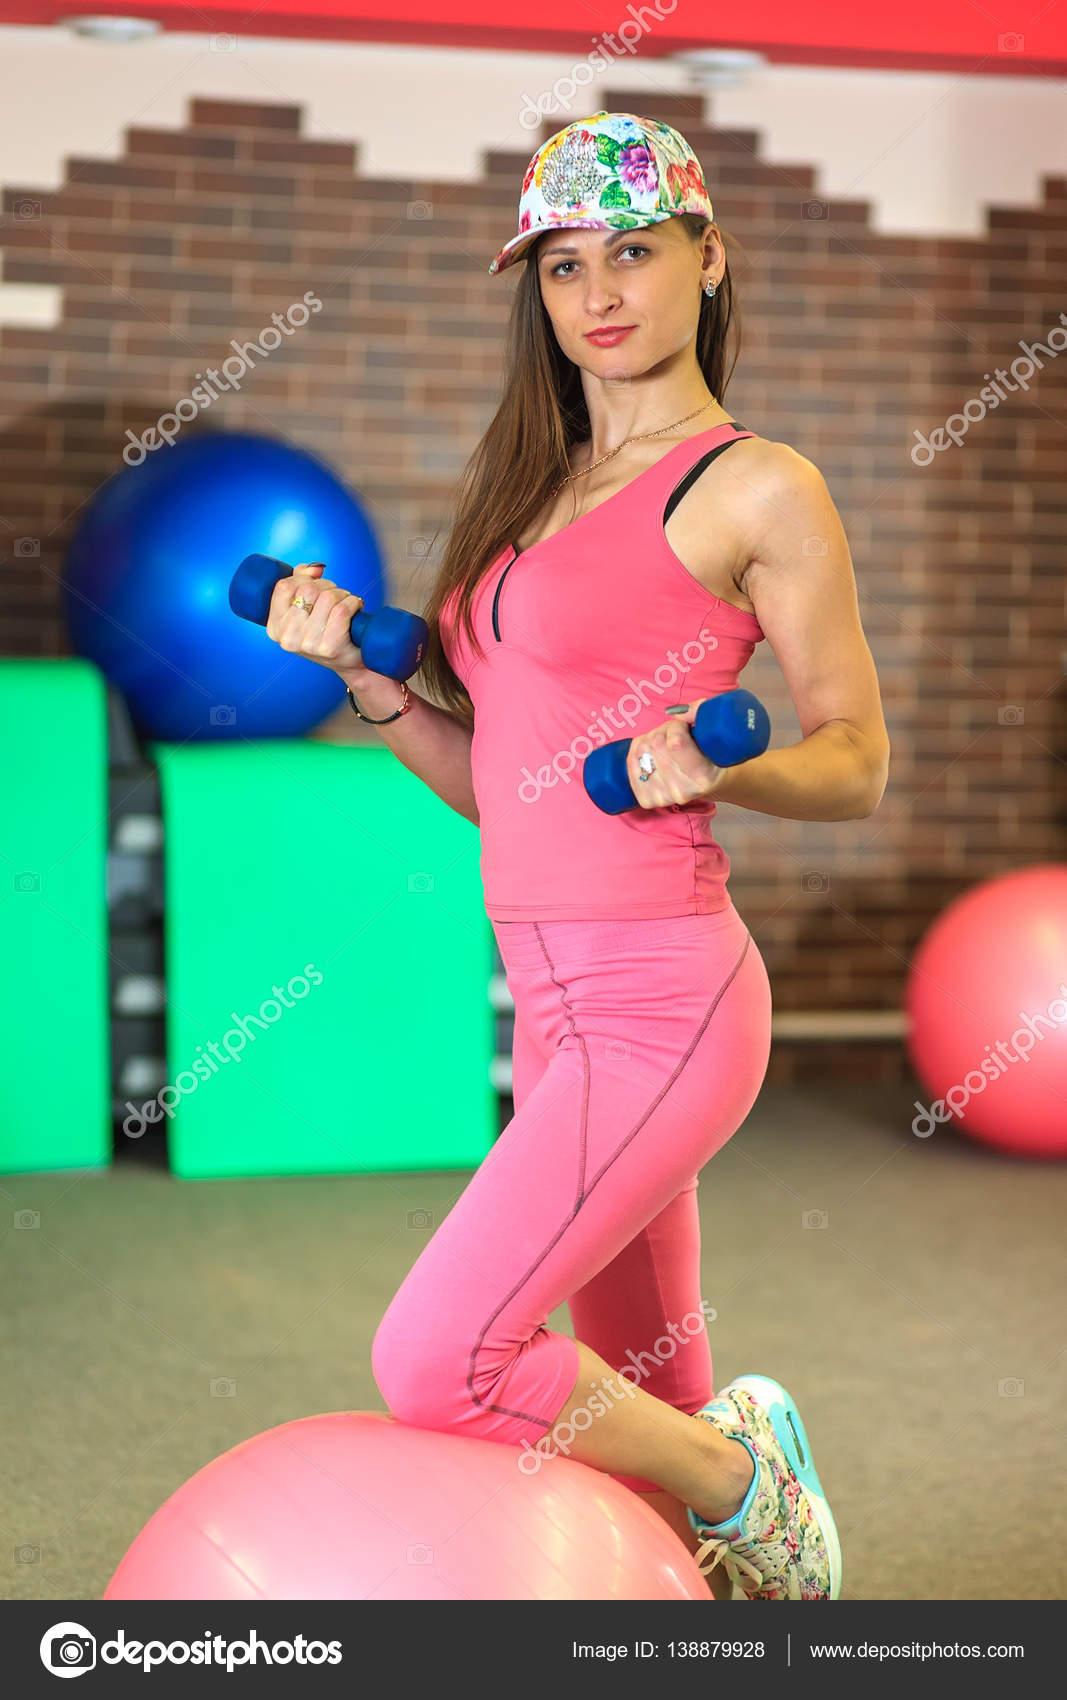 8c463574d21cd Joven hermosa chica blanca en un traje rosa deportes hace ejercicios  físicos con pesas — Foto